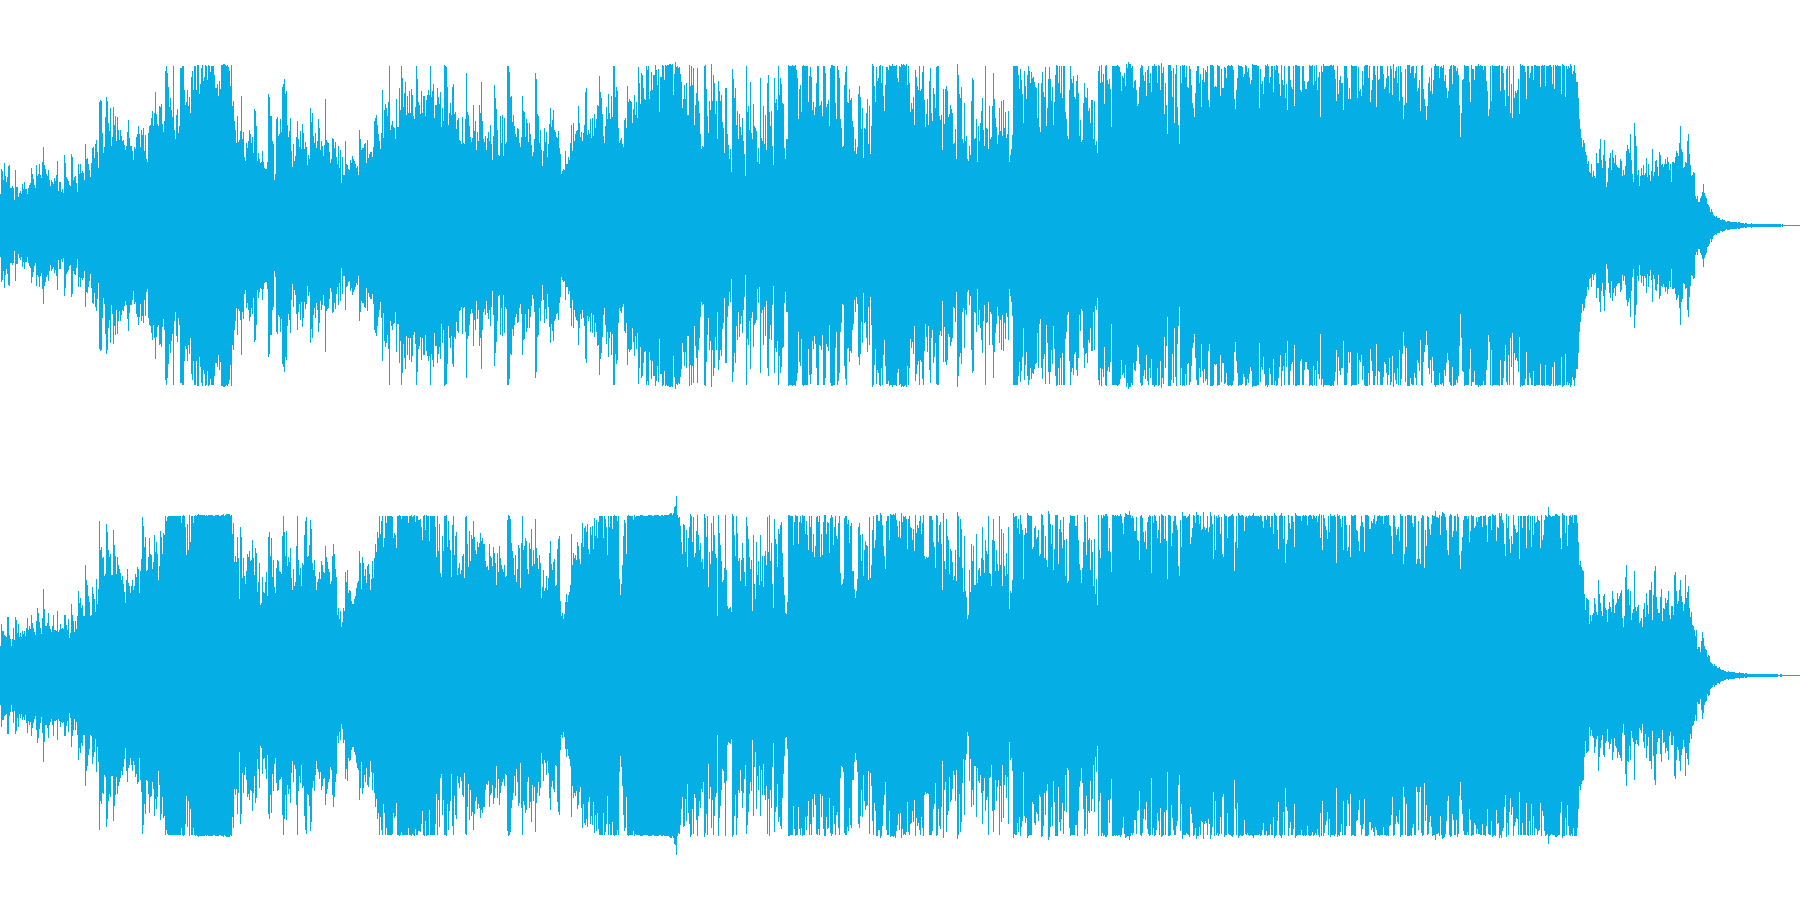 神秘的で力強いオーケストラの再生済みの波形